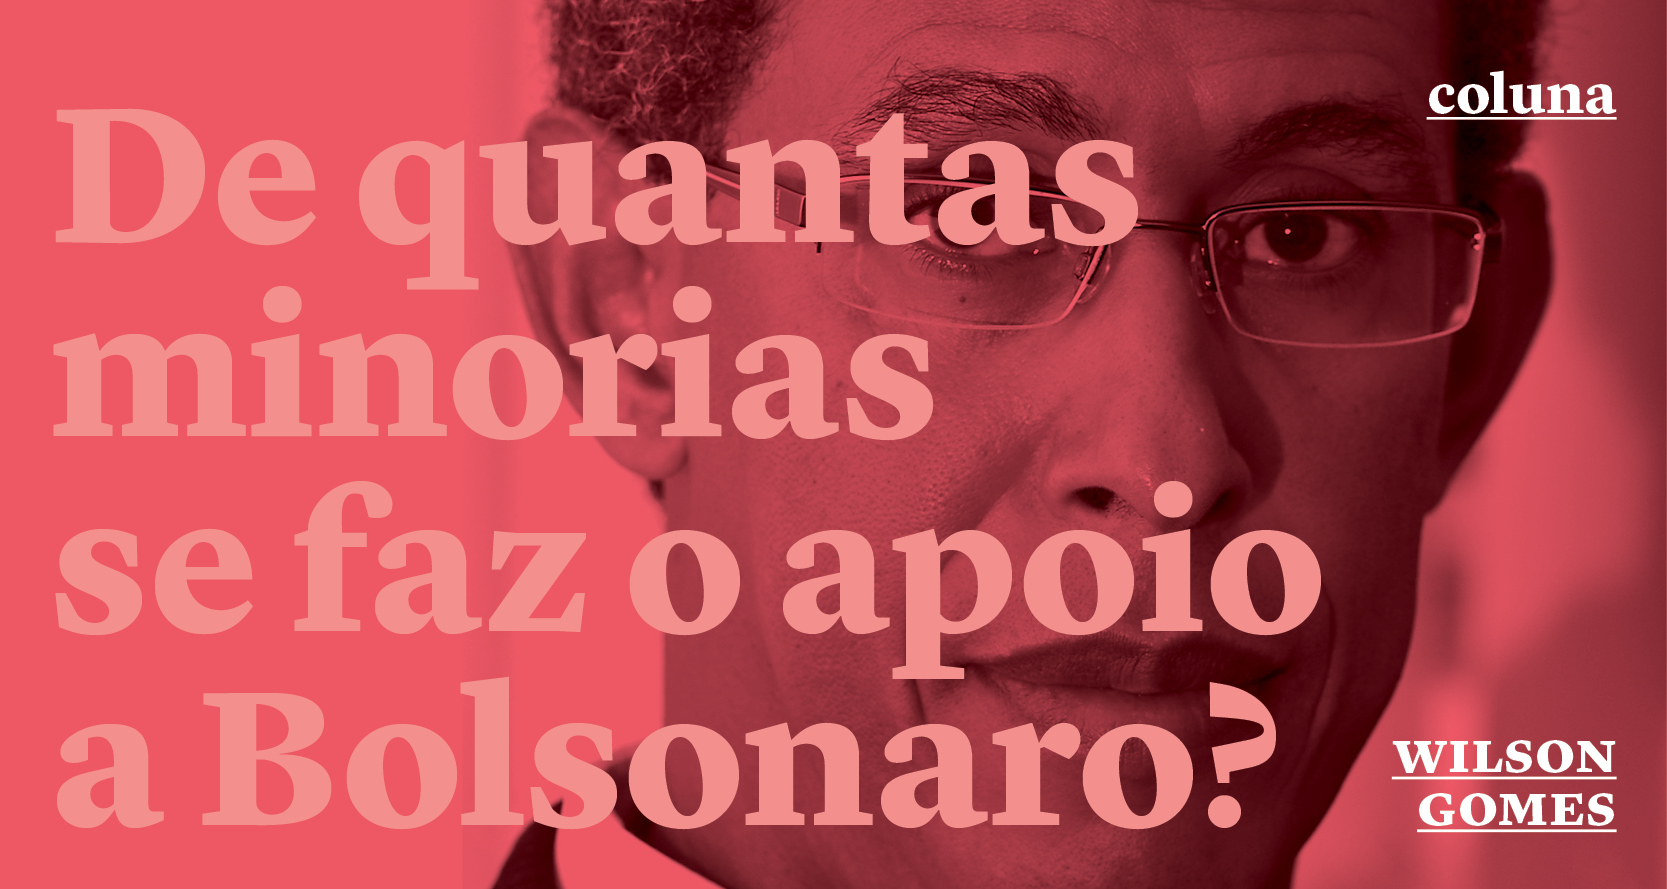 De quantas minorias se faz o apoio a Bolsonaro?